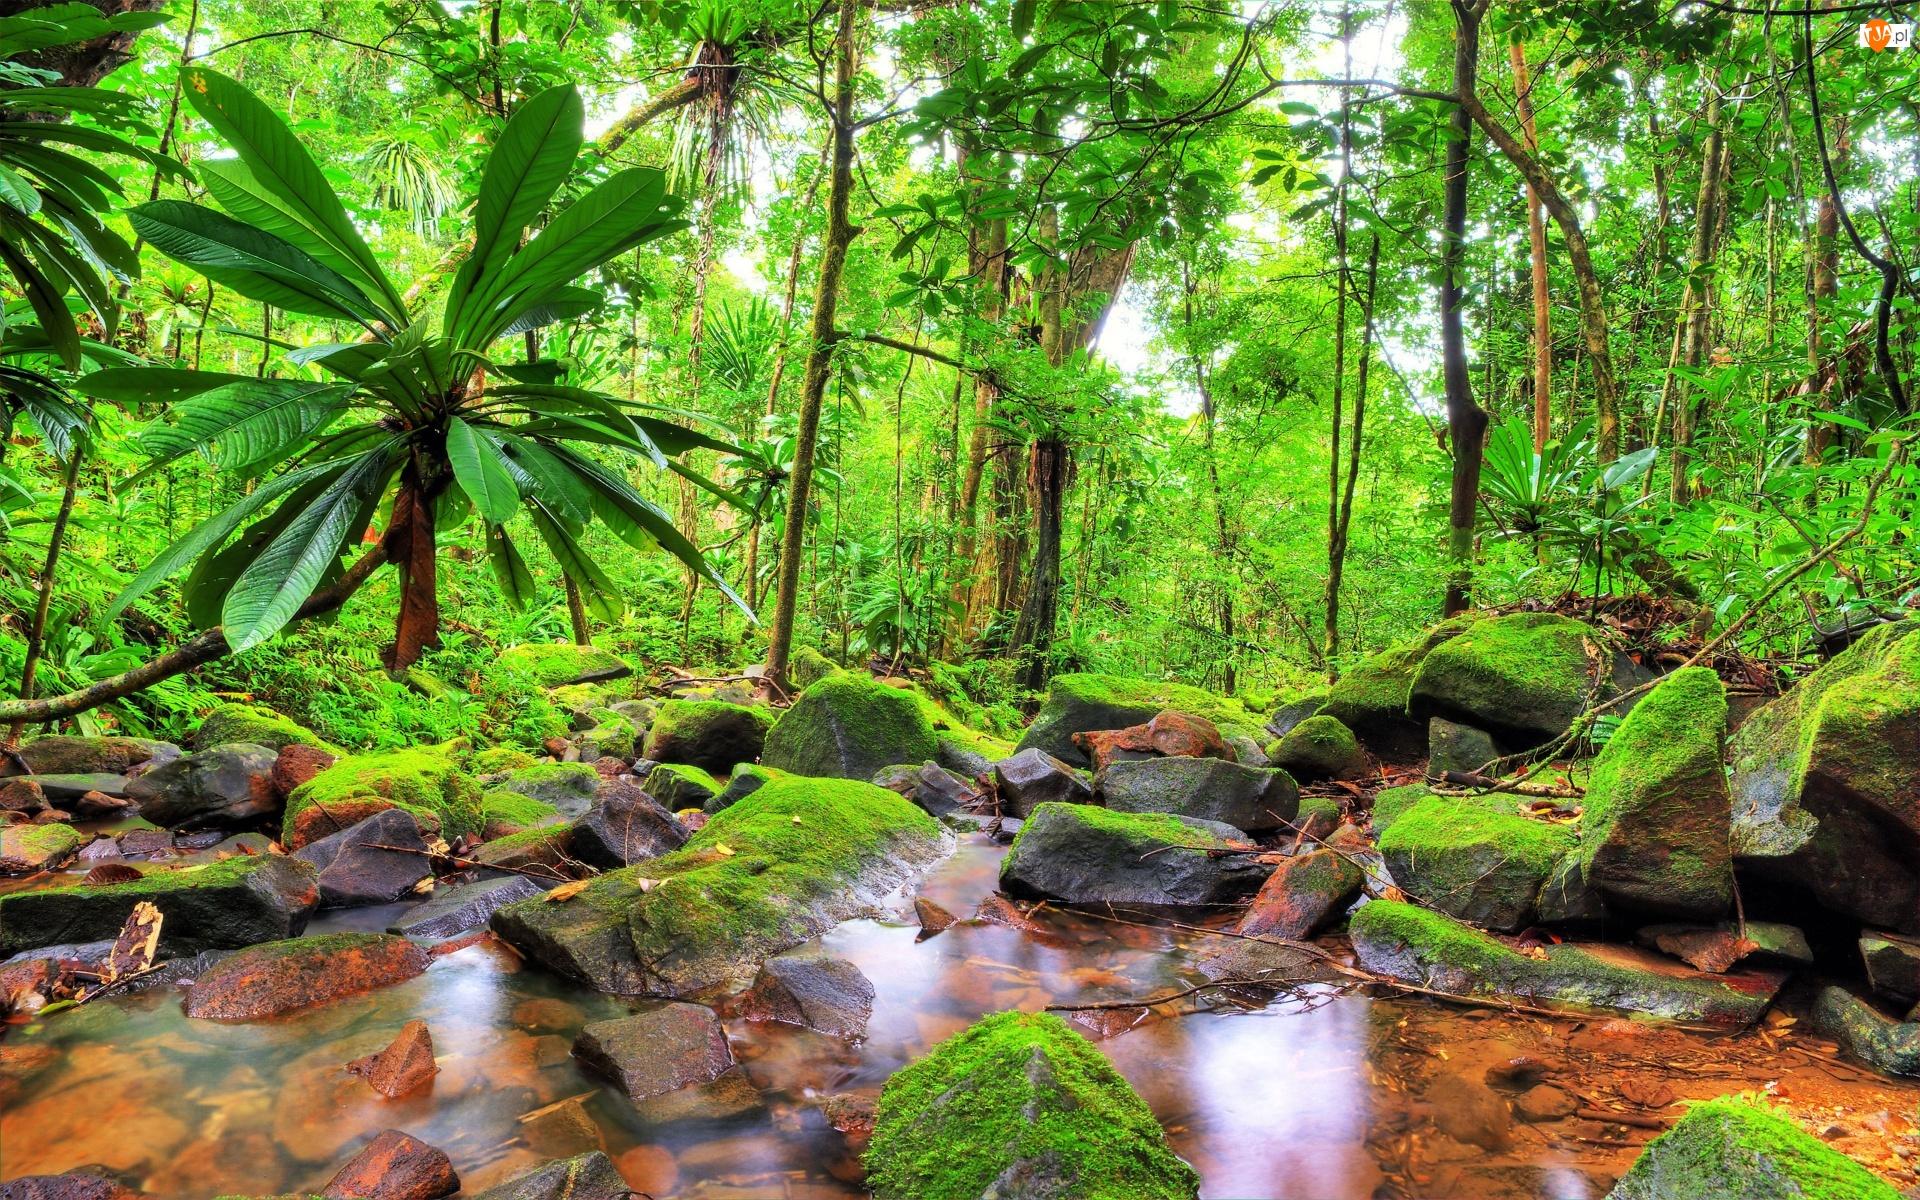 Madagaskar, Dżungla, Park Narodowy Masoala, Omszałe, Kamienie, Drzewa, Palmy, Las tropikalny, Strumień